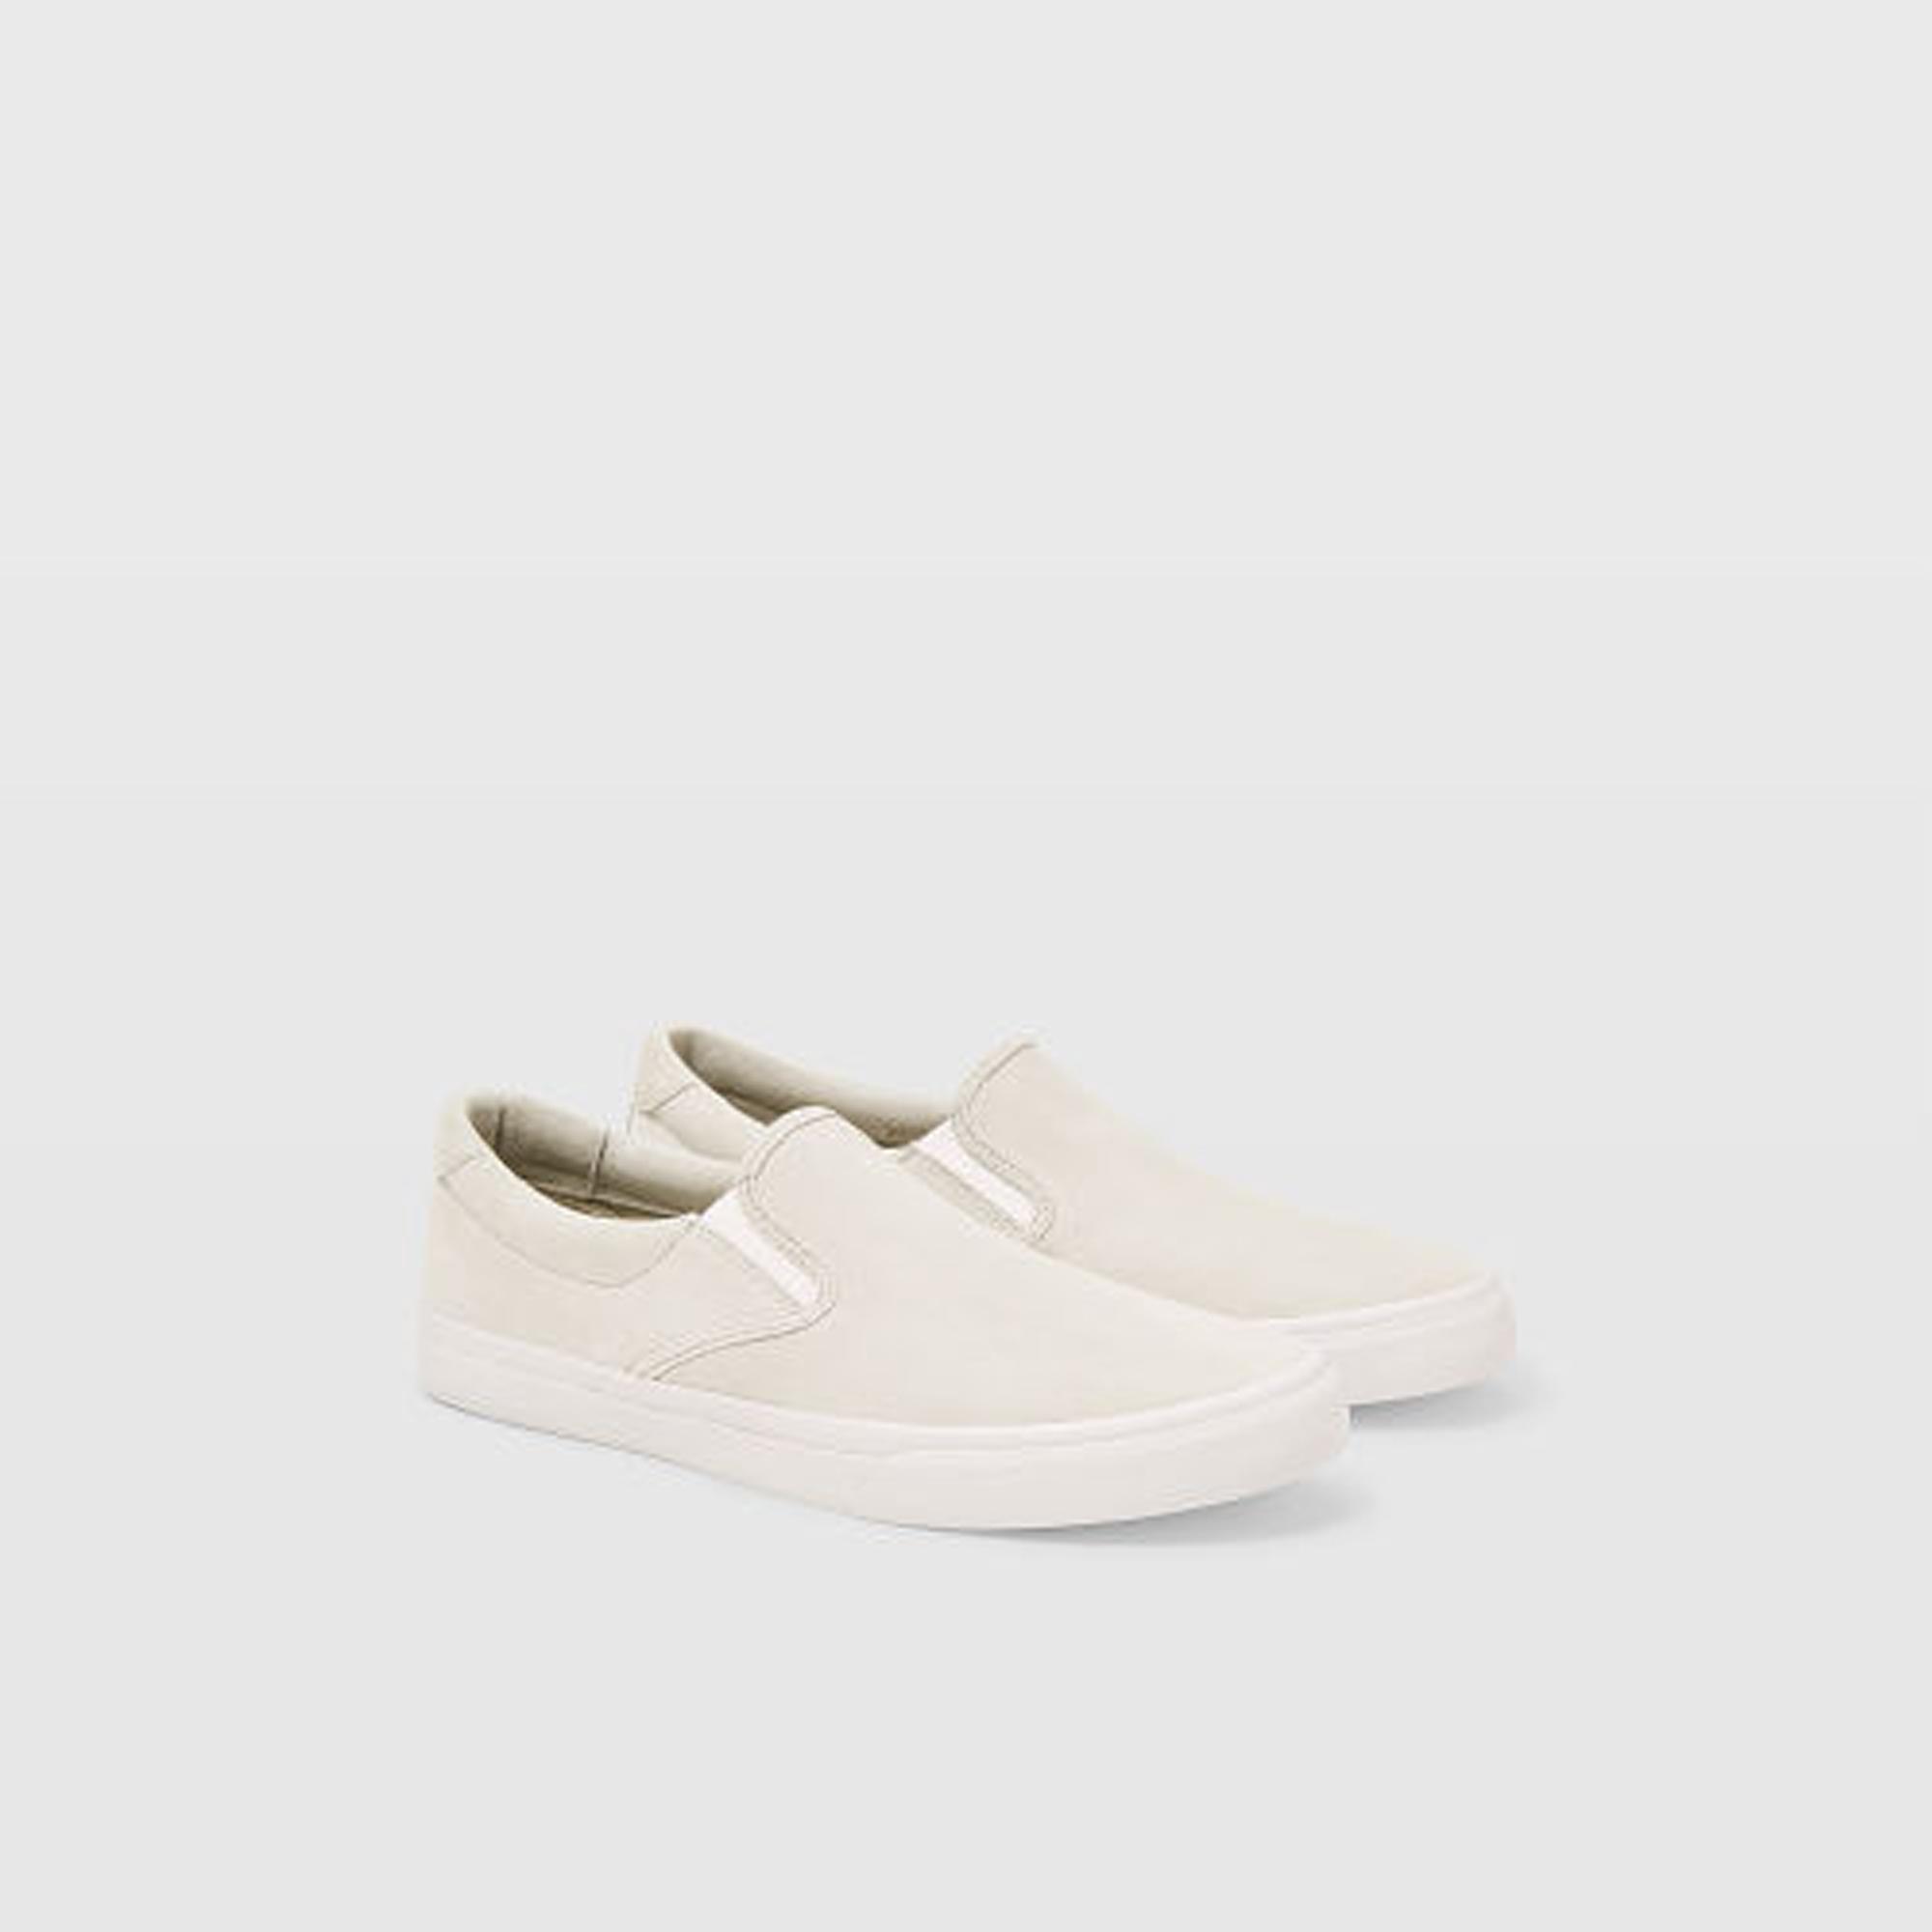 CM Slip-On Sneaker  HK$990